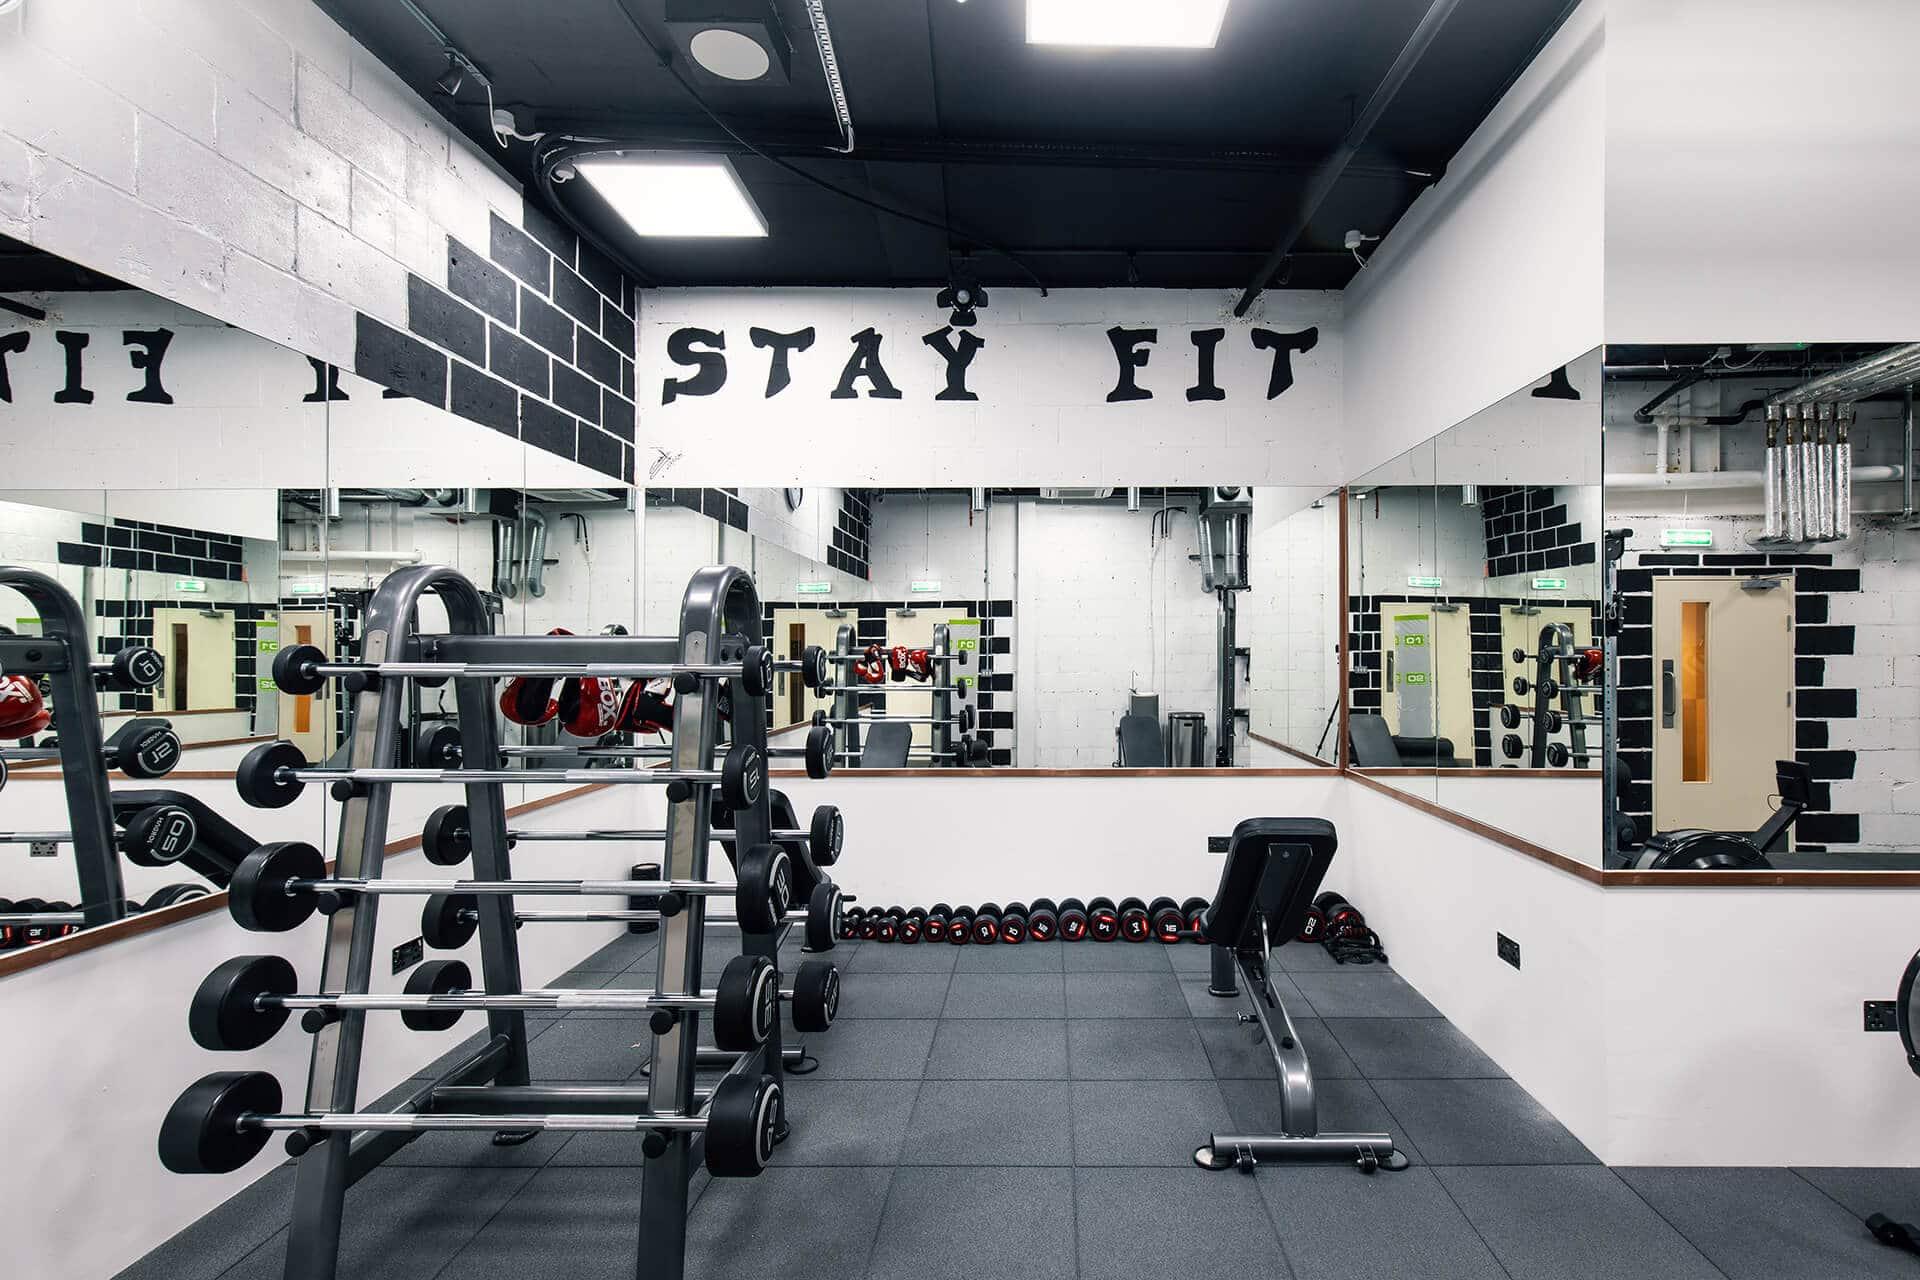 The Stay Club Camden - Gym